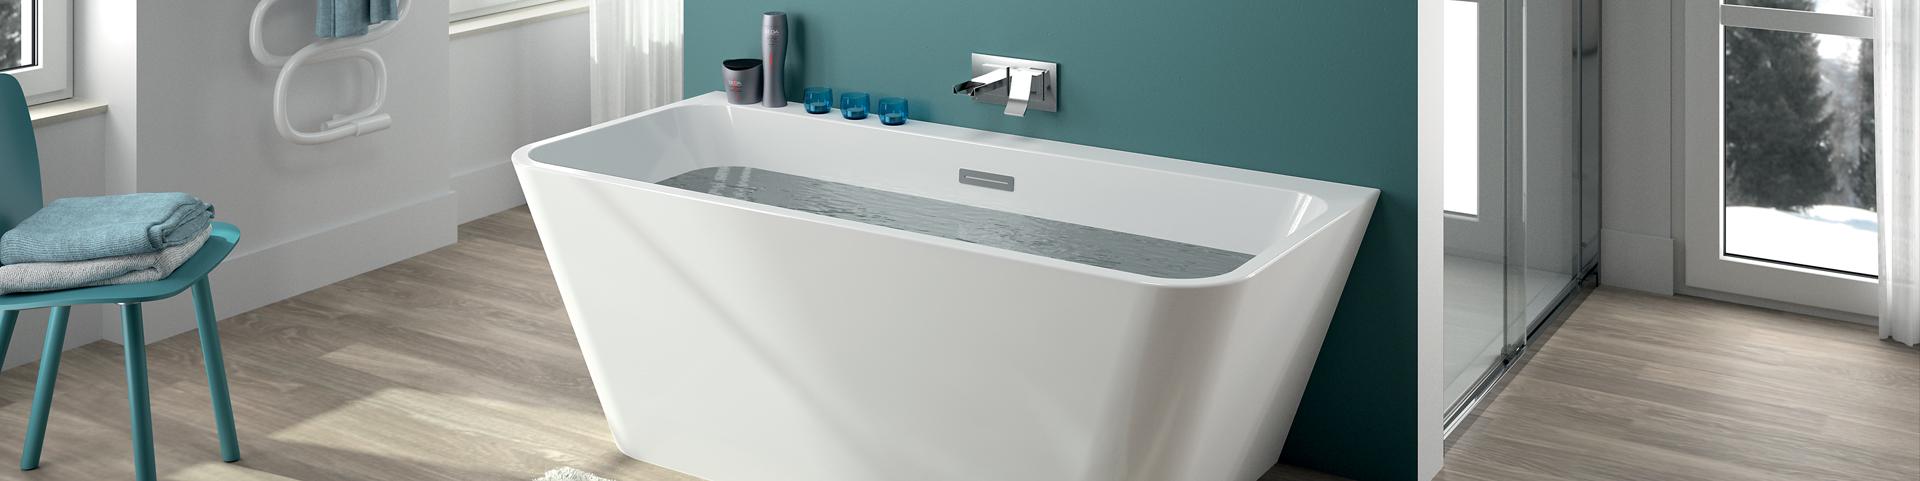 Ensemble salle de bain meubles baignoires et plus for Baignoire et douche ensemble